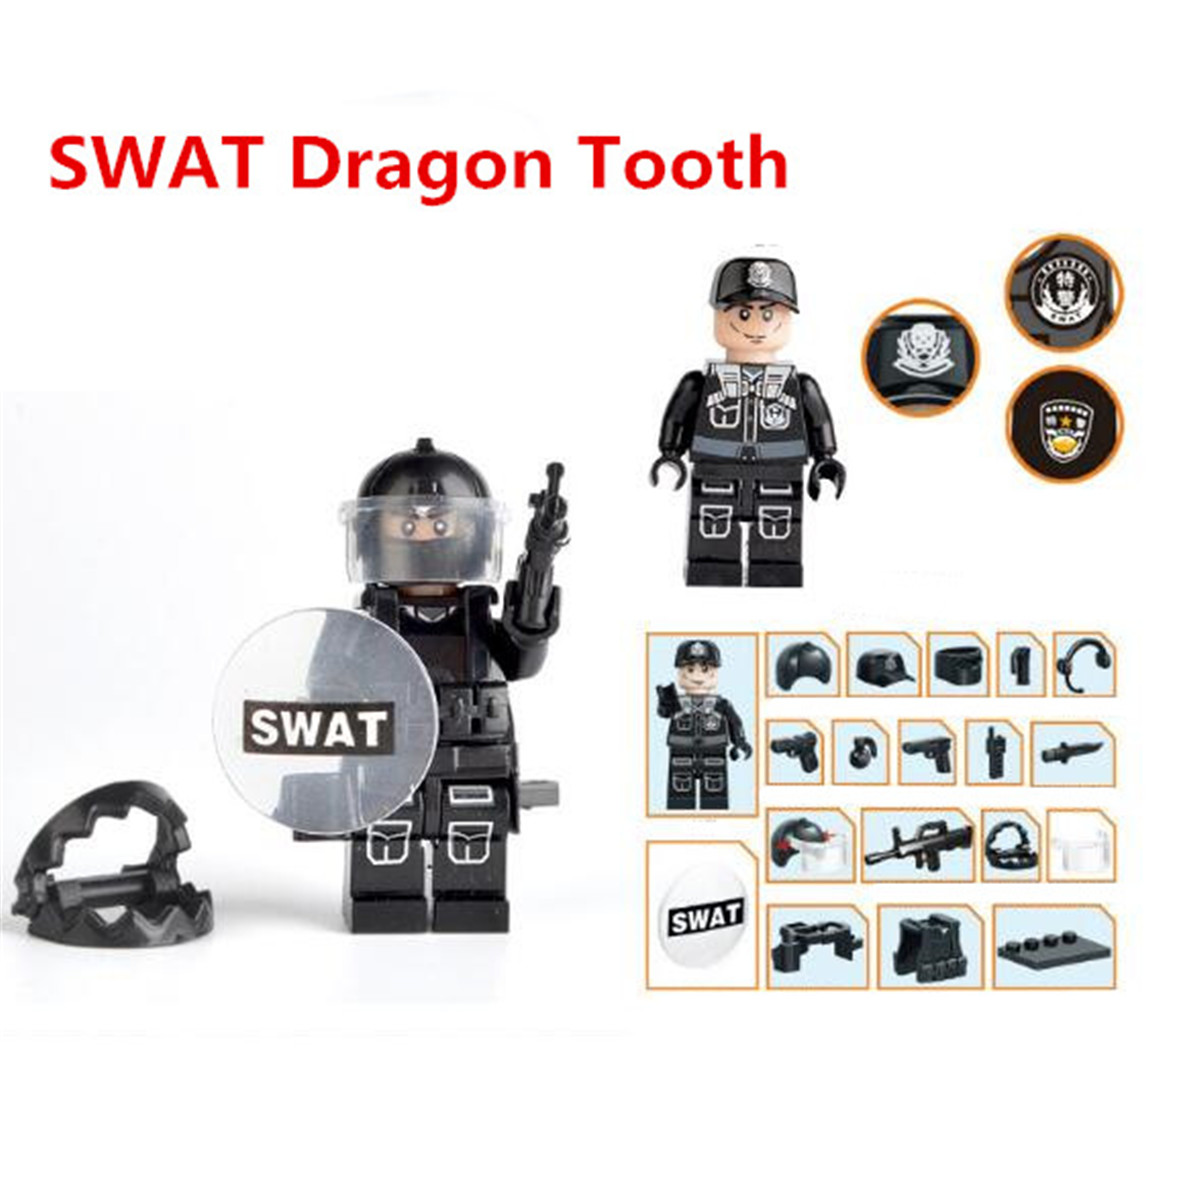 12pcs//Set militärische spezielle SWAT Polizei Gebäude Ziegel Zahlen Spielzeuge